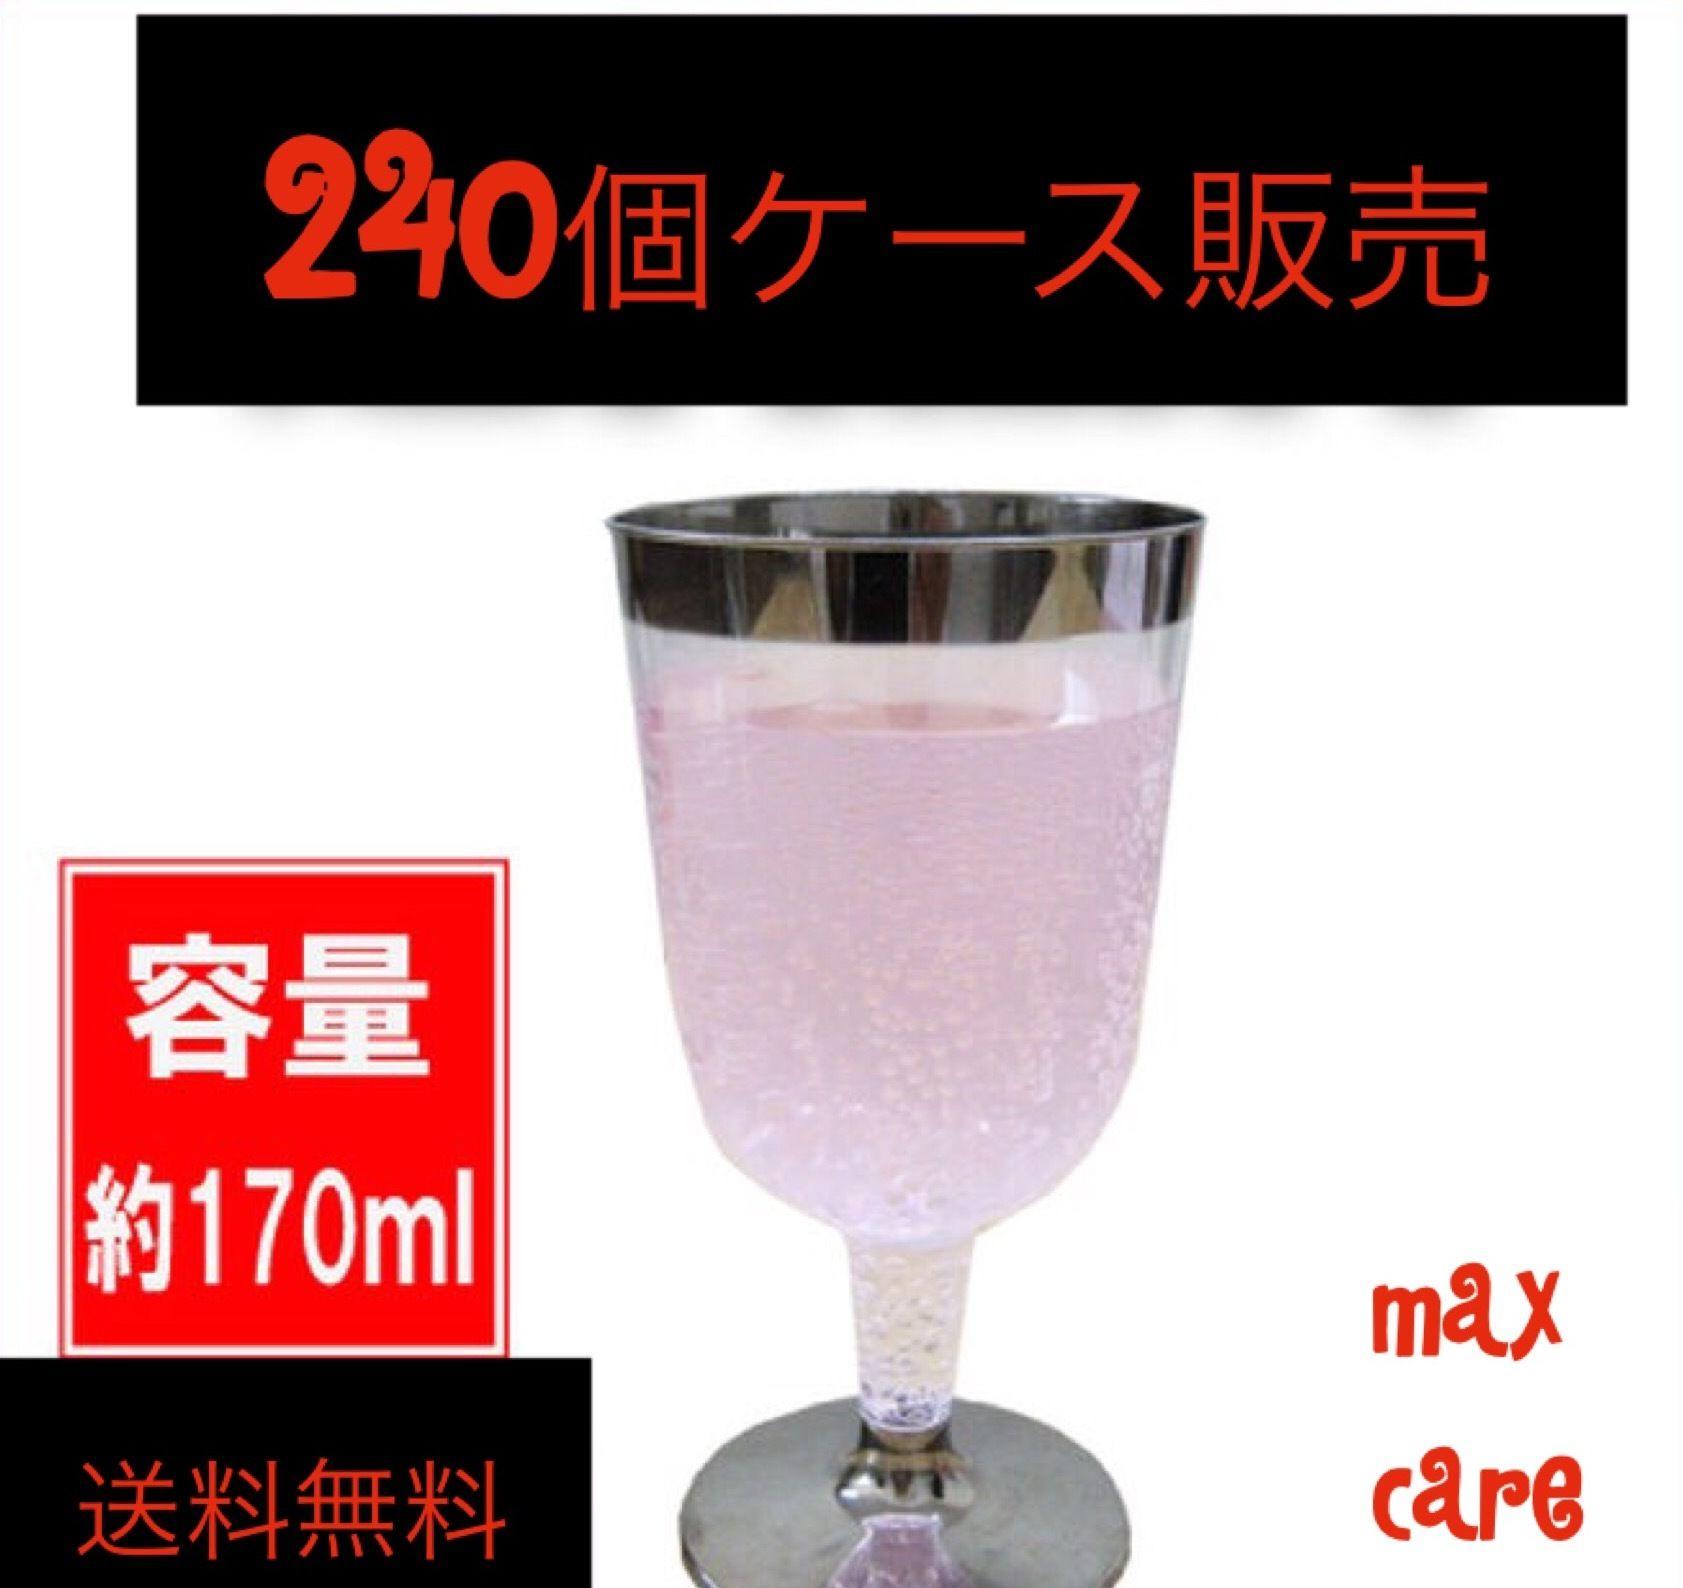 プラスチックワイングラス240個